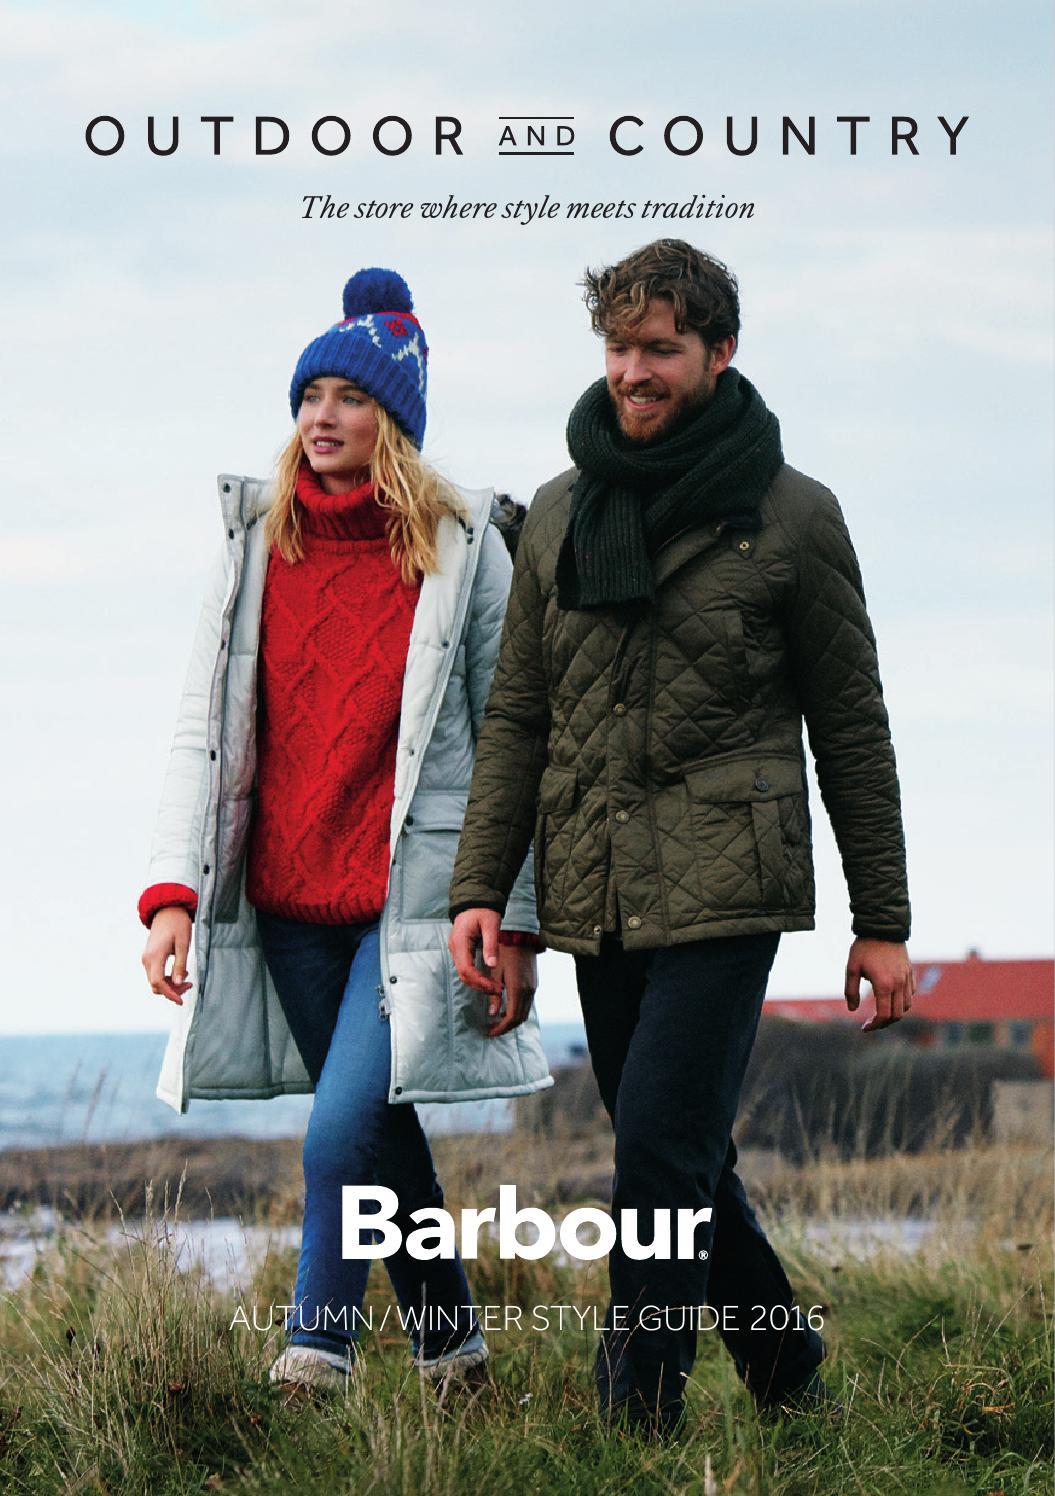 barbour winter